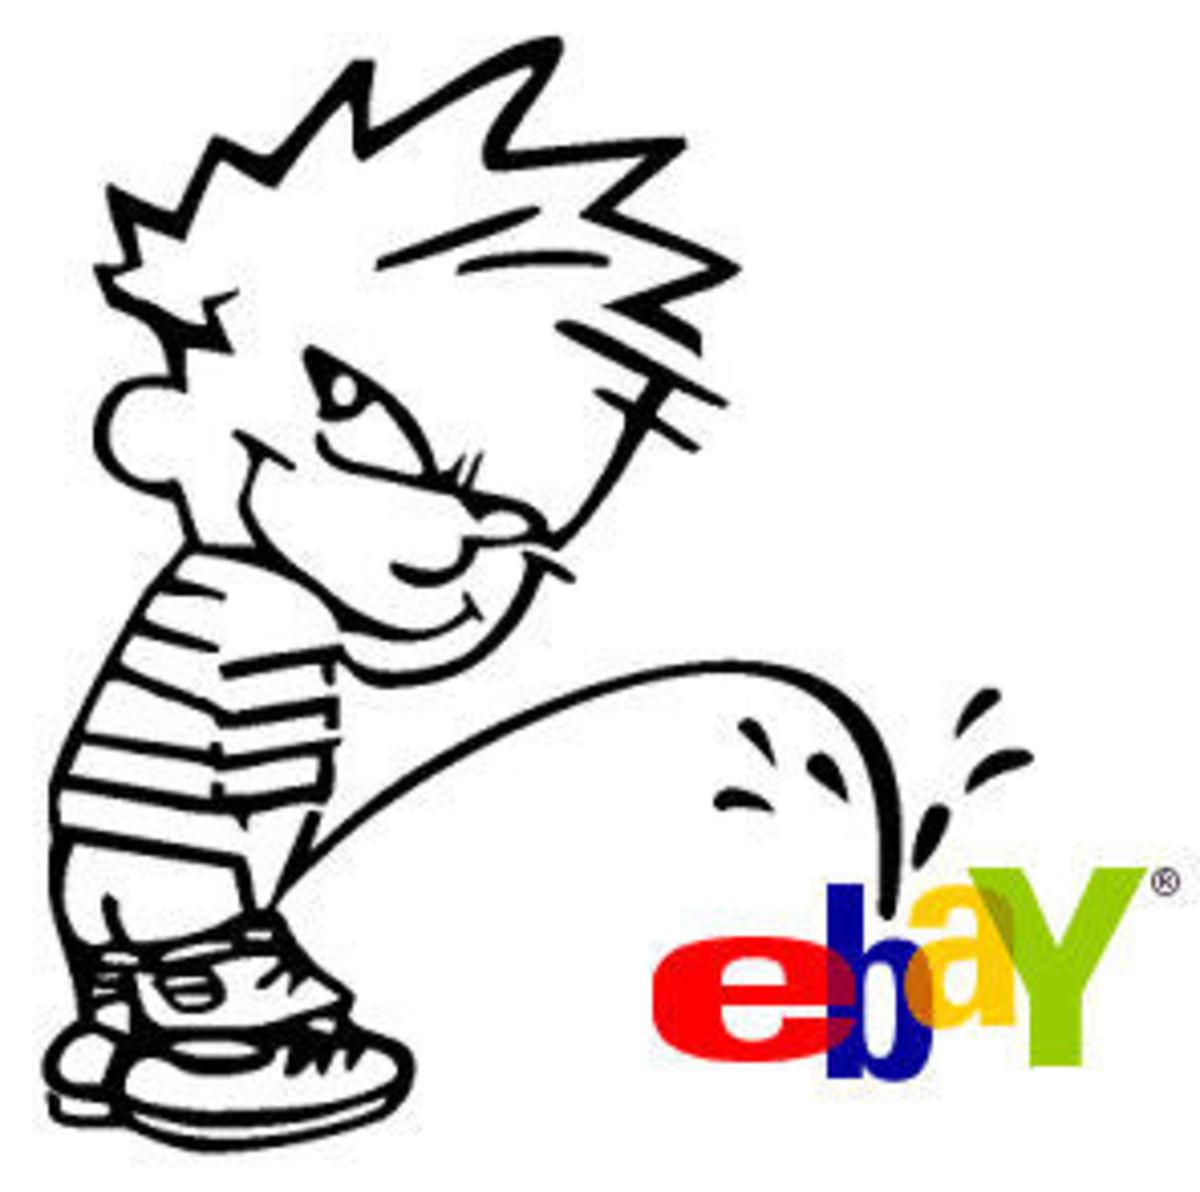 Ebay Sucks